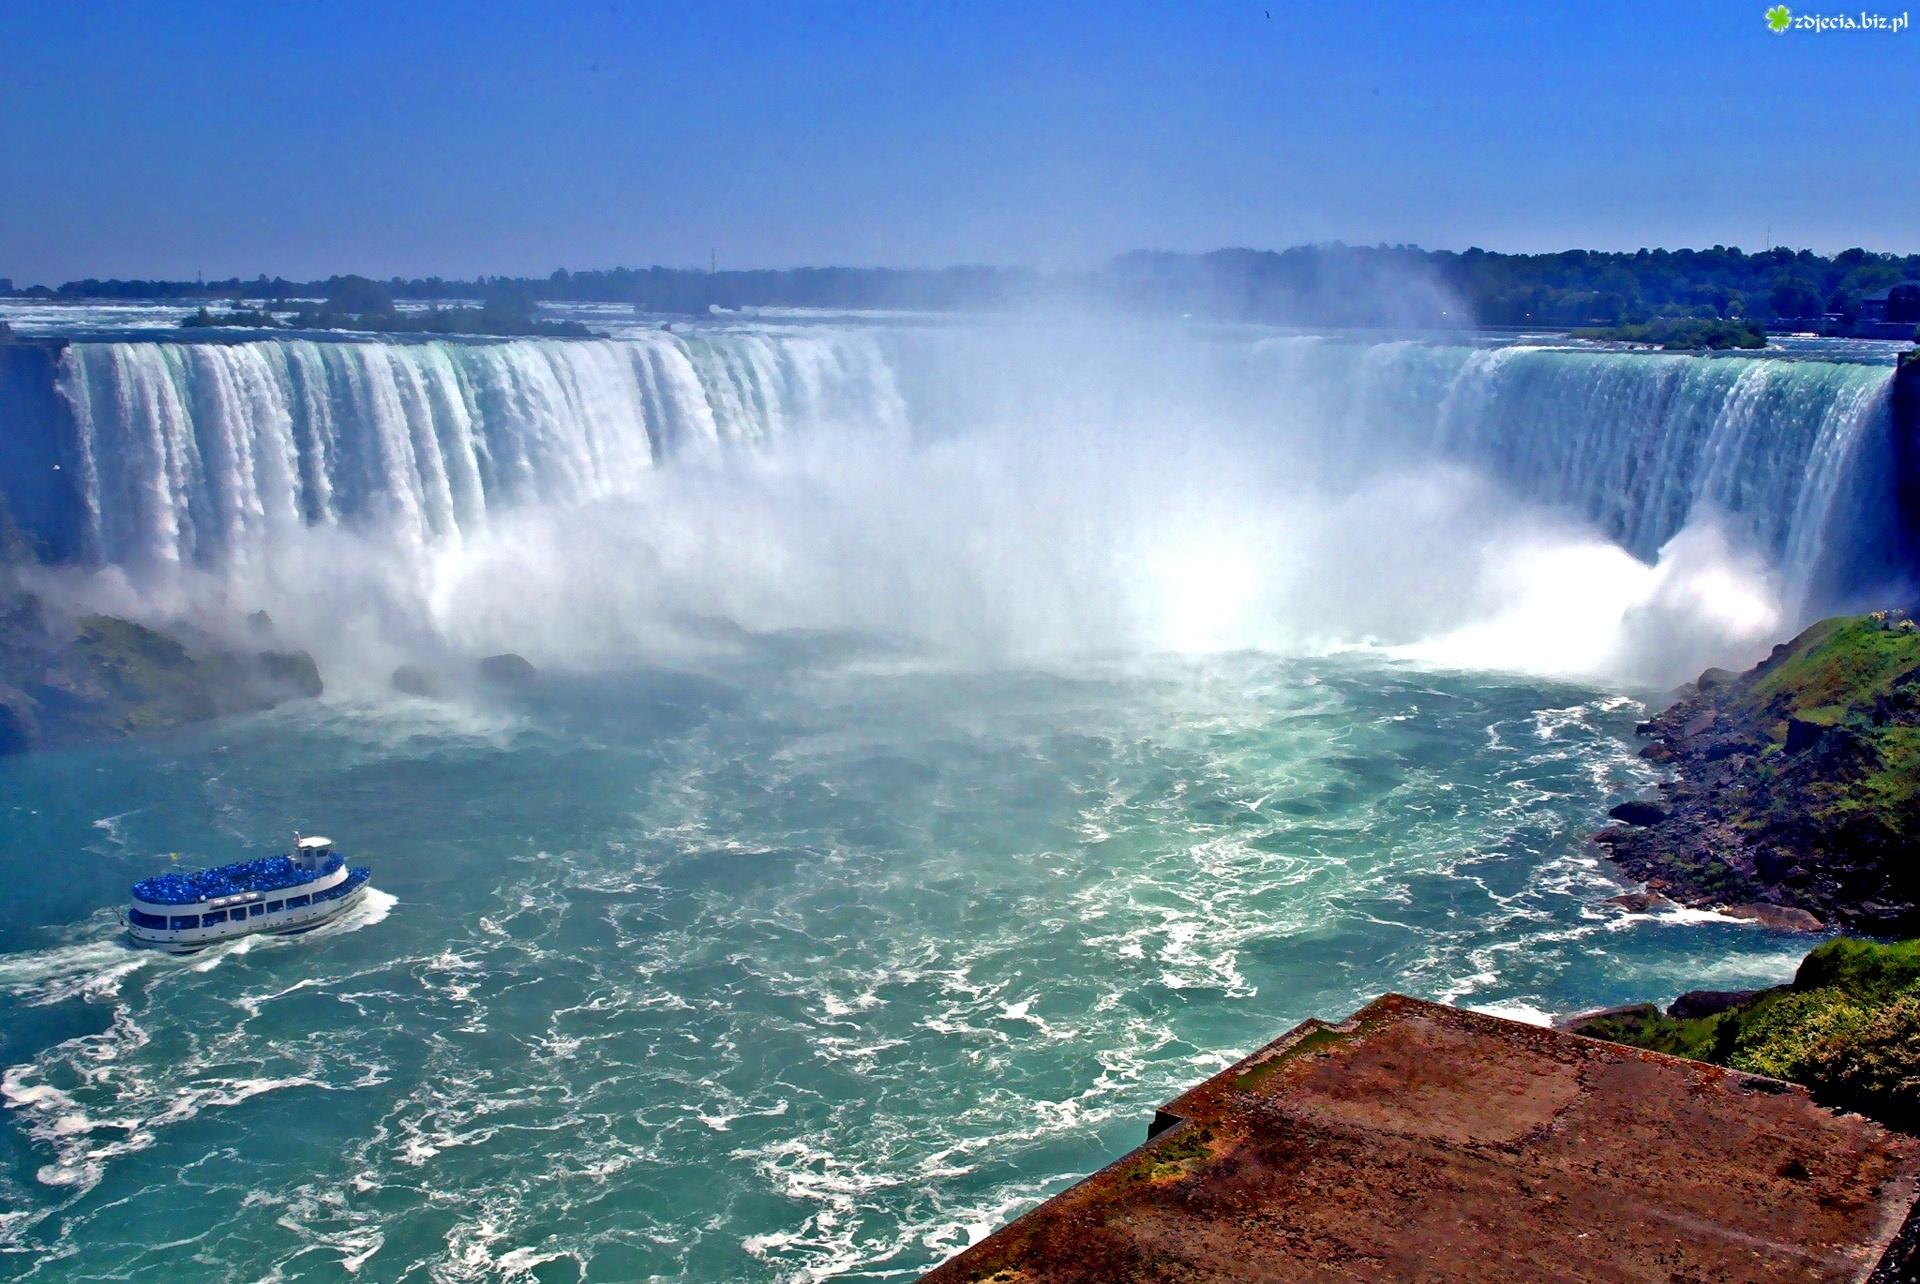 Zdjęcie, Wodospad, Niagara, Wycieczki, Wzburzona, Woda